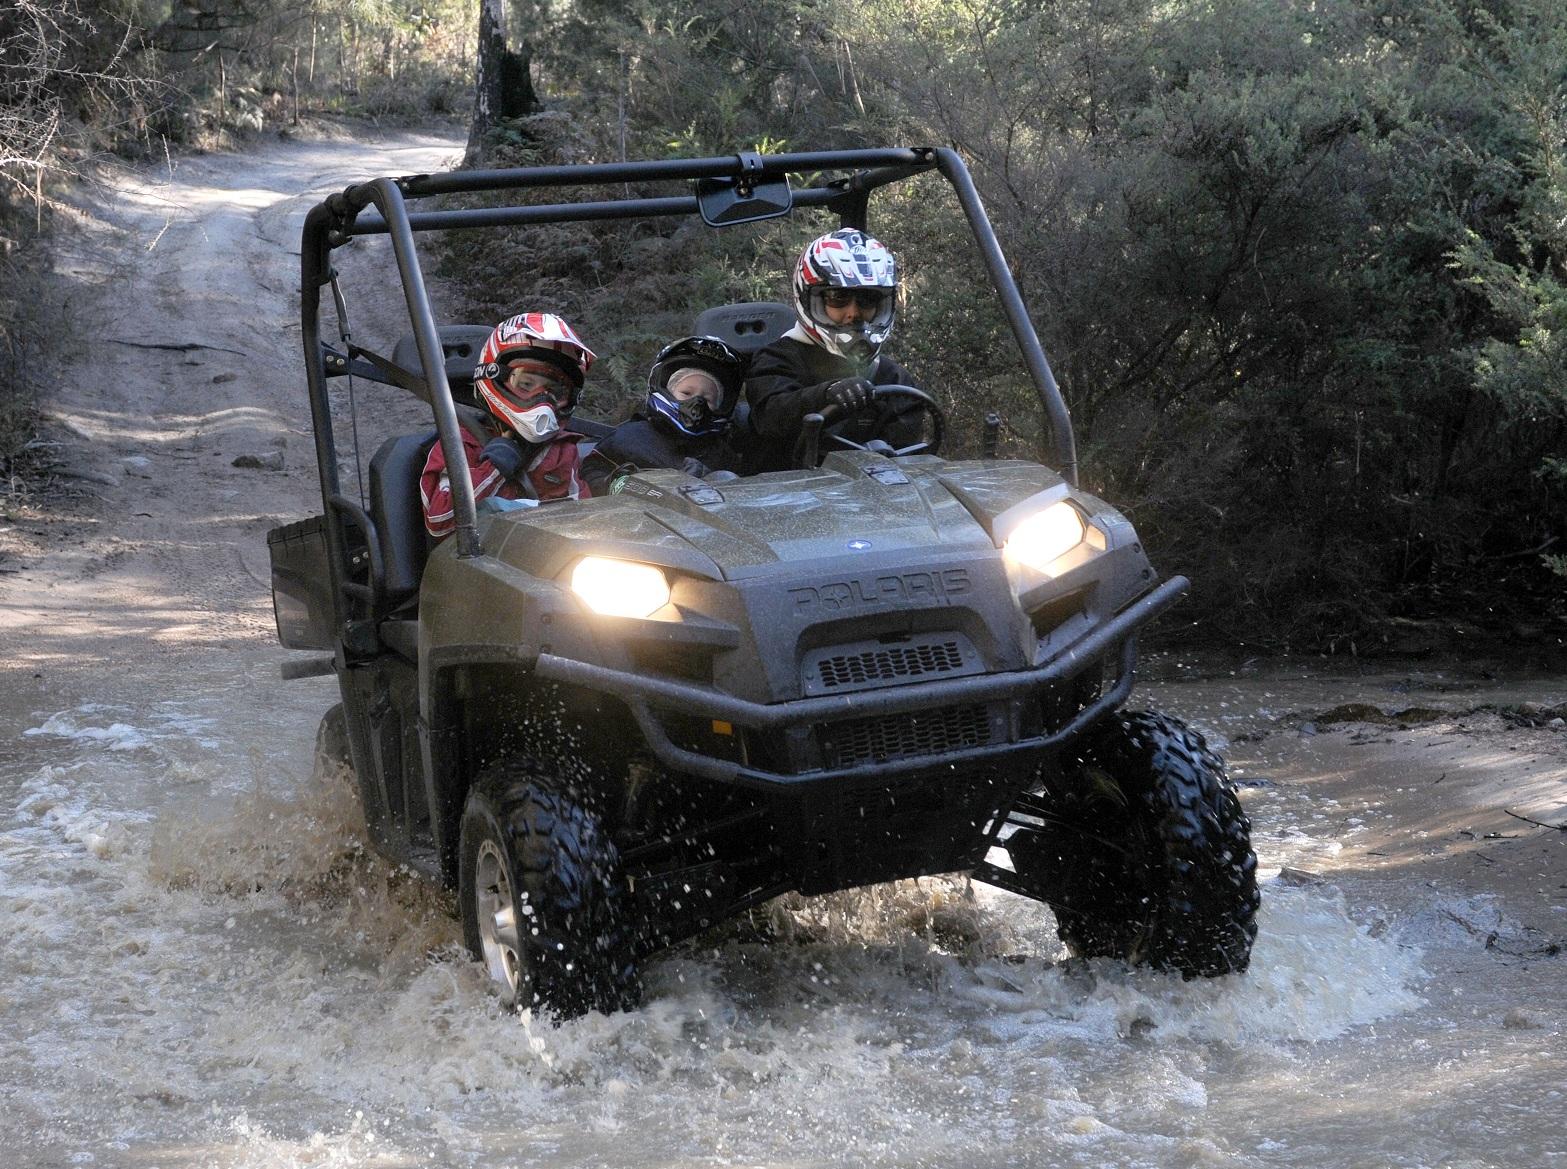 Half Day ATV Explorer - PASSENGER